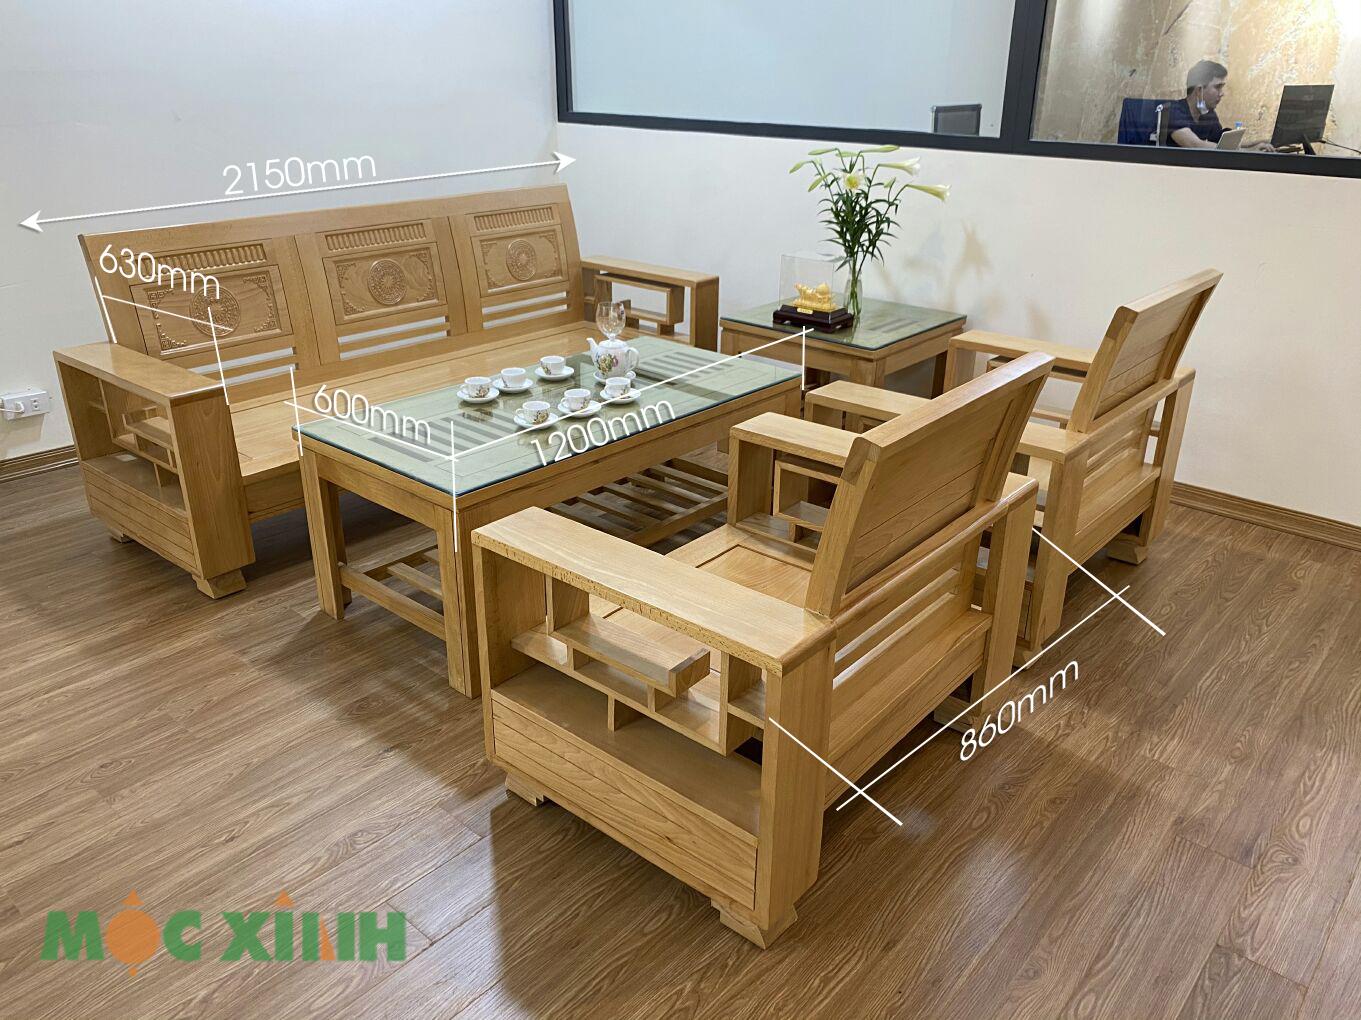 Thông số kích thước của mẫu bàn ghế phòng khách tựa cong hoa văn trống đồng